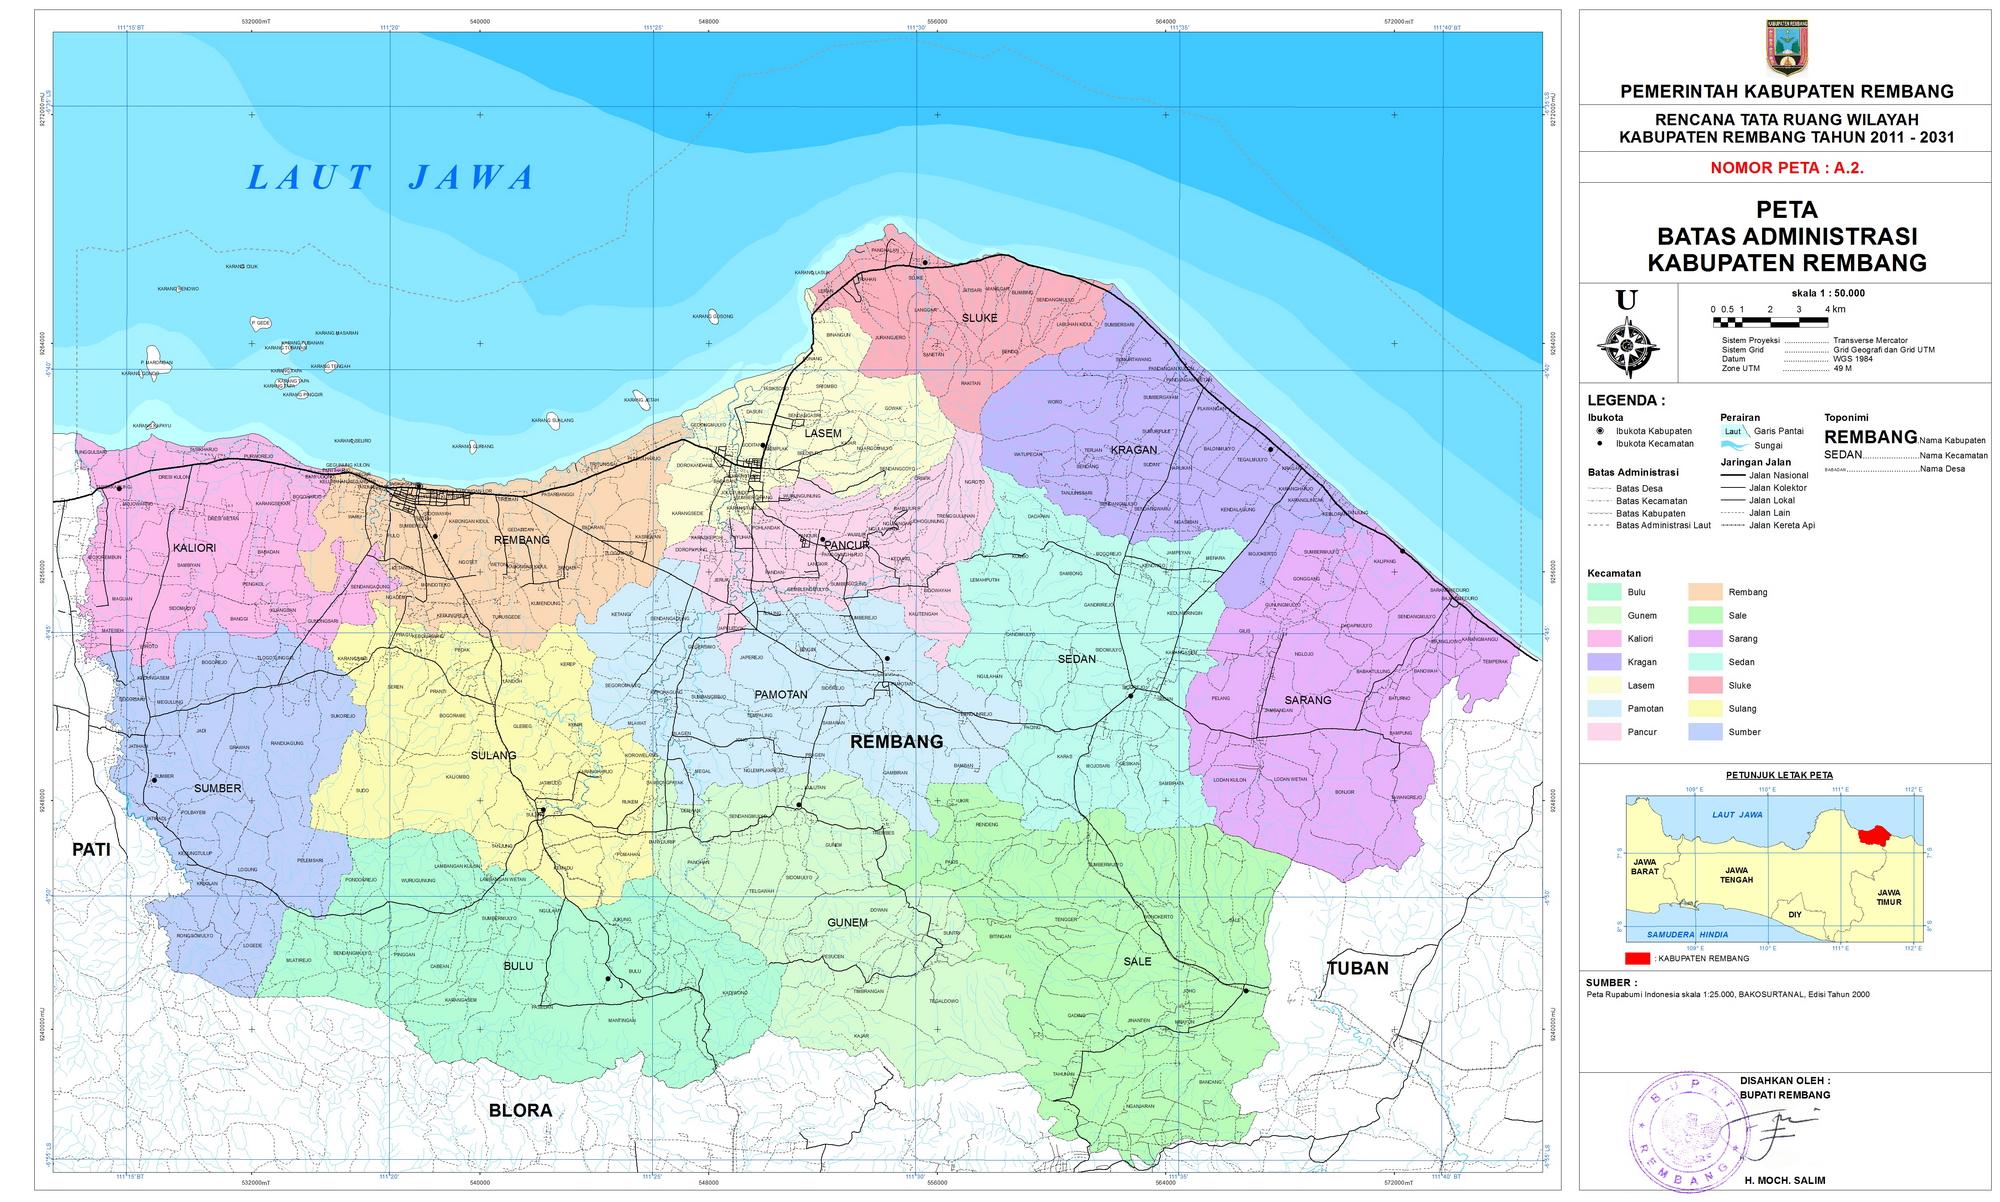 Profil Kabupaten Rembang Lukmana Masterplan Situs Sejarah Kota Kab